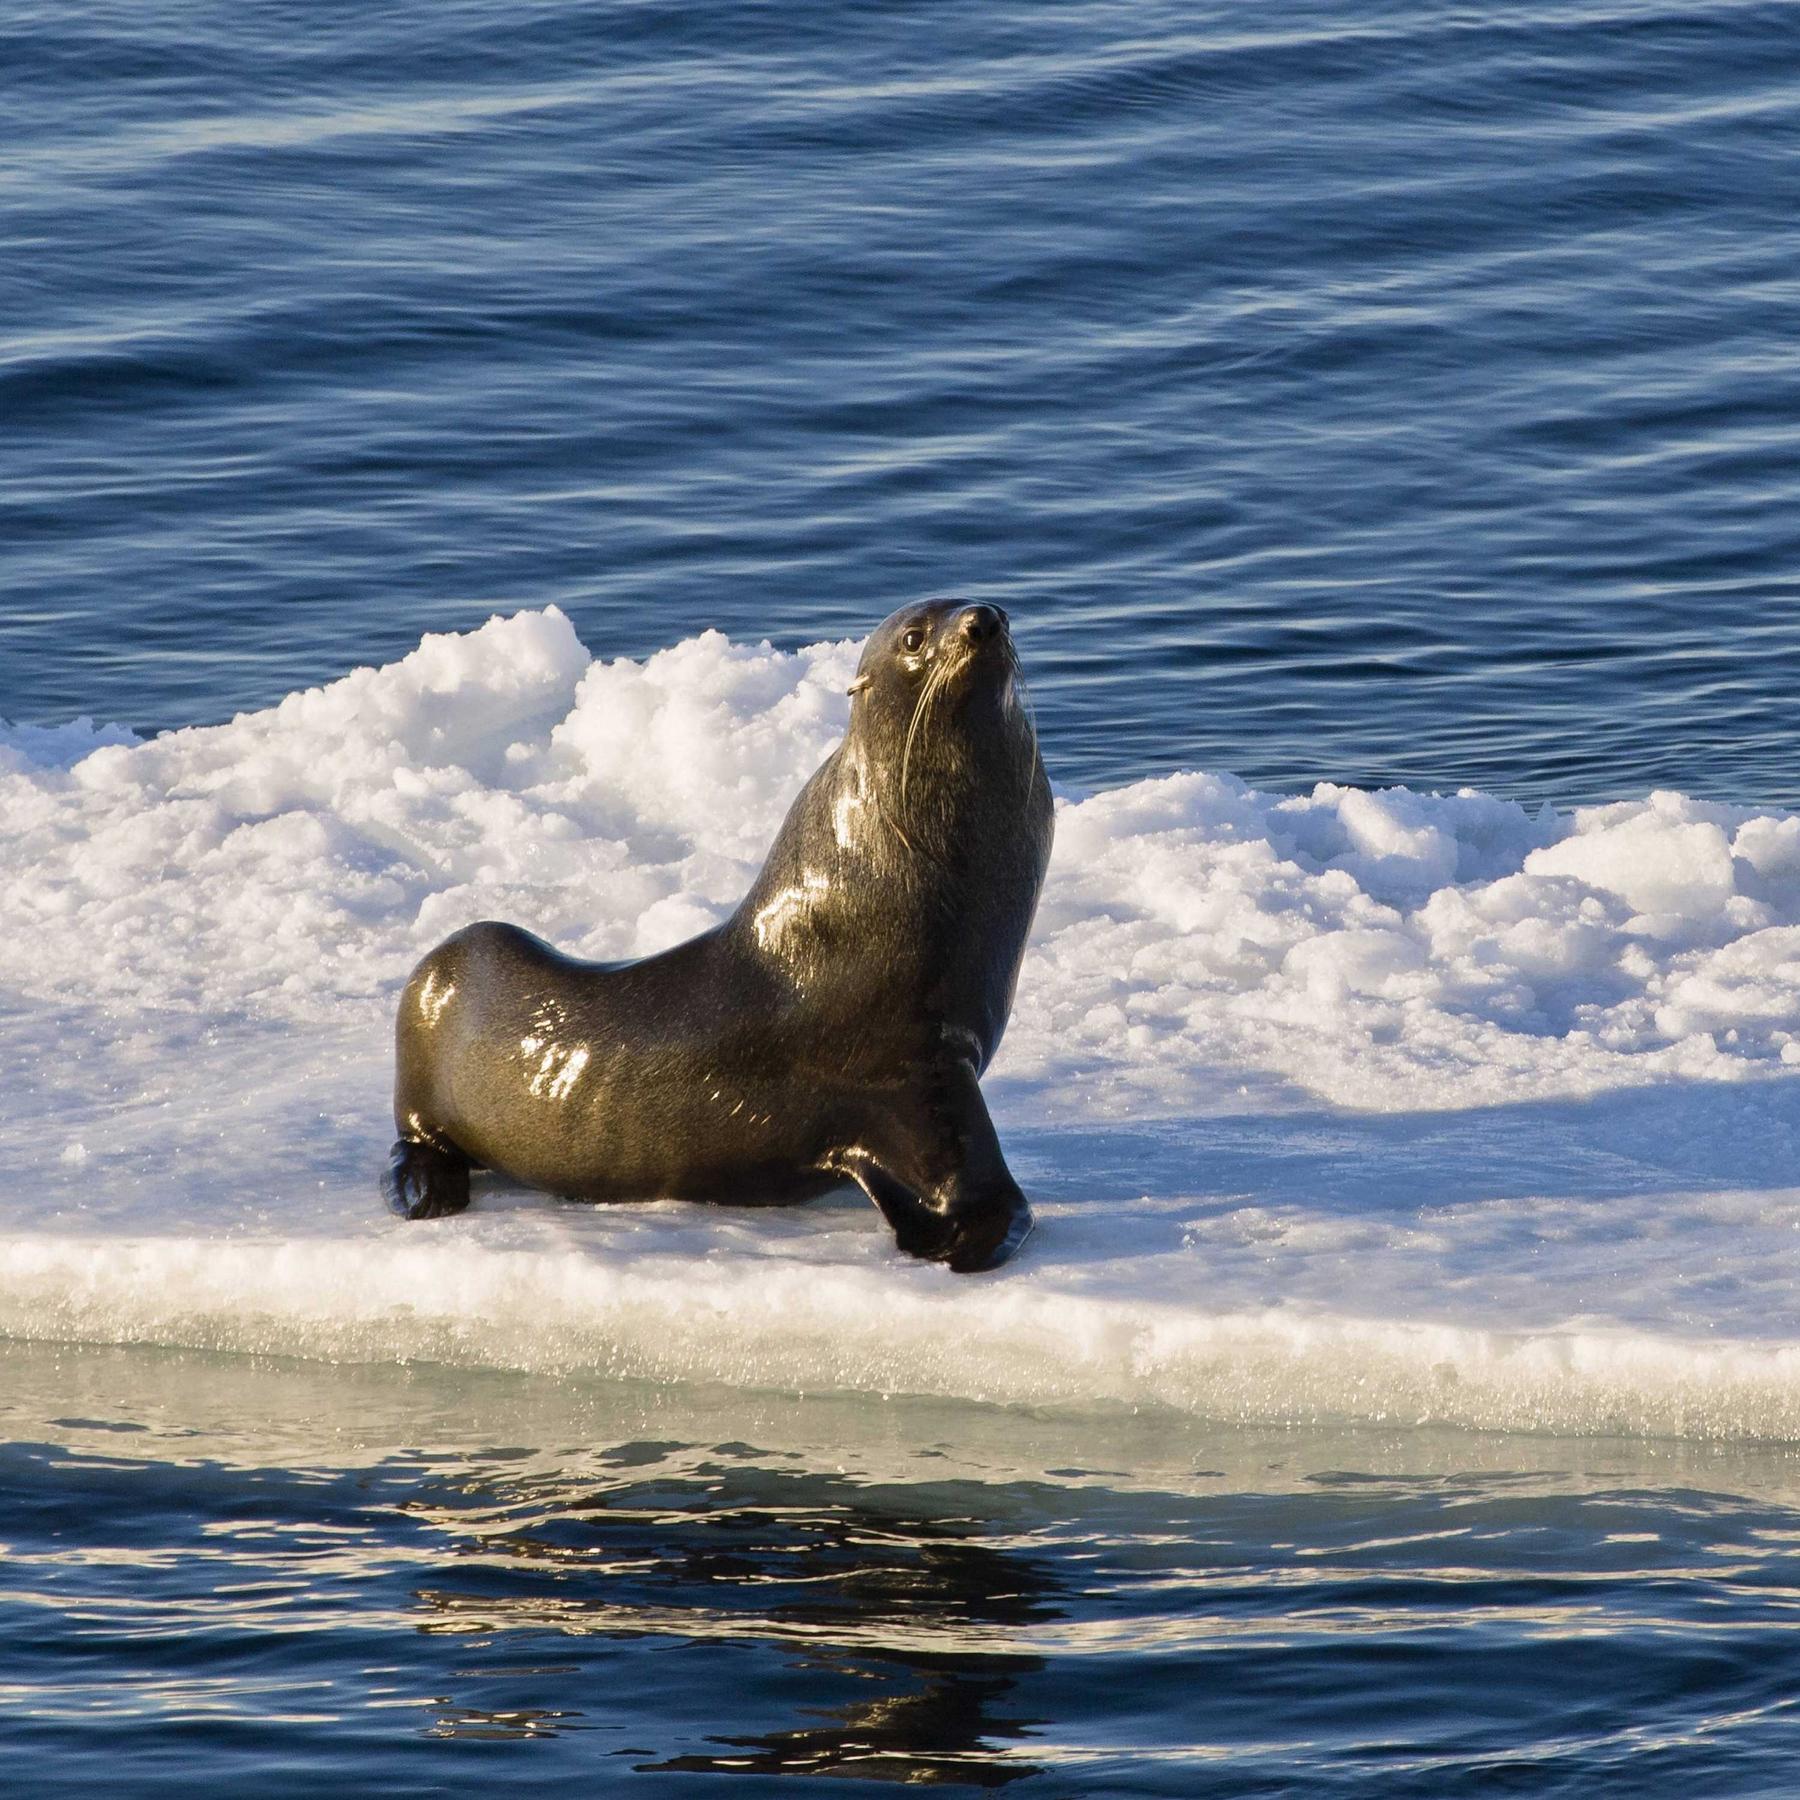 Empfindliches Ökosystem - Entsteht in der Antarktis das größte Meeresschutzgebiet aller Zeiten?